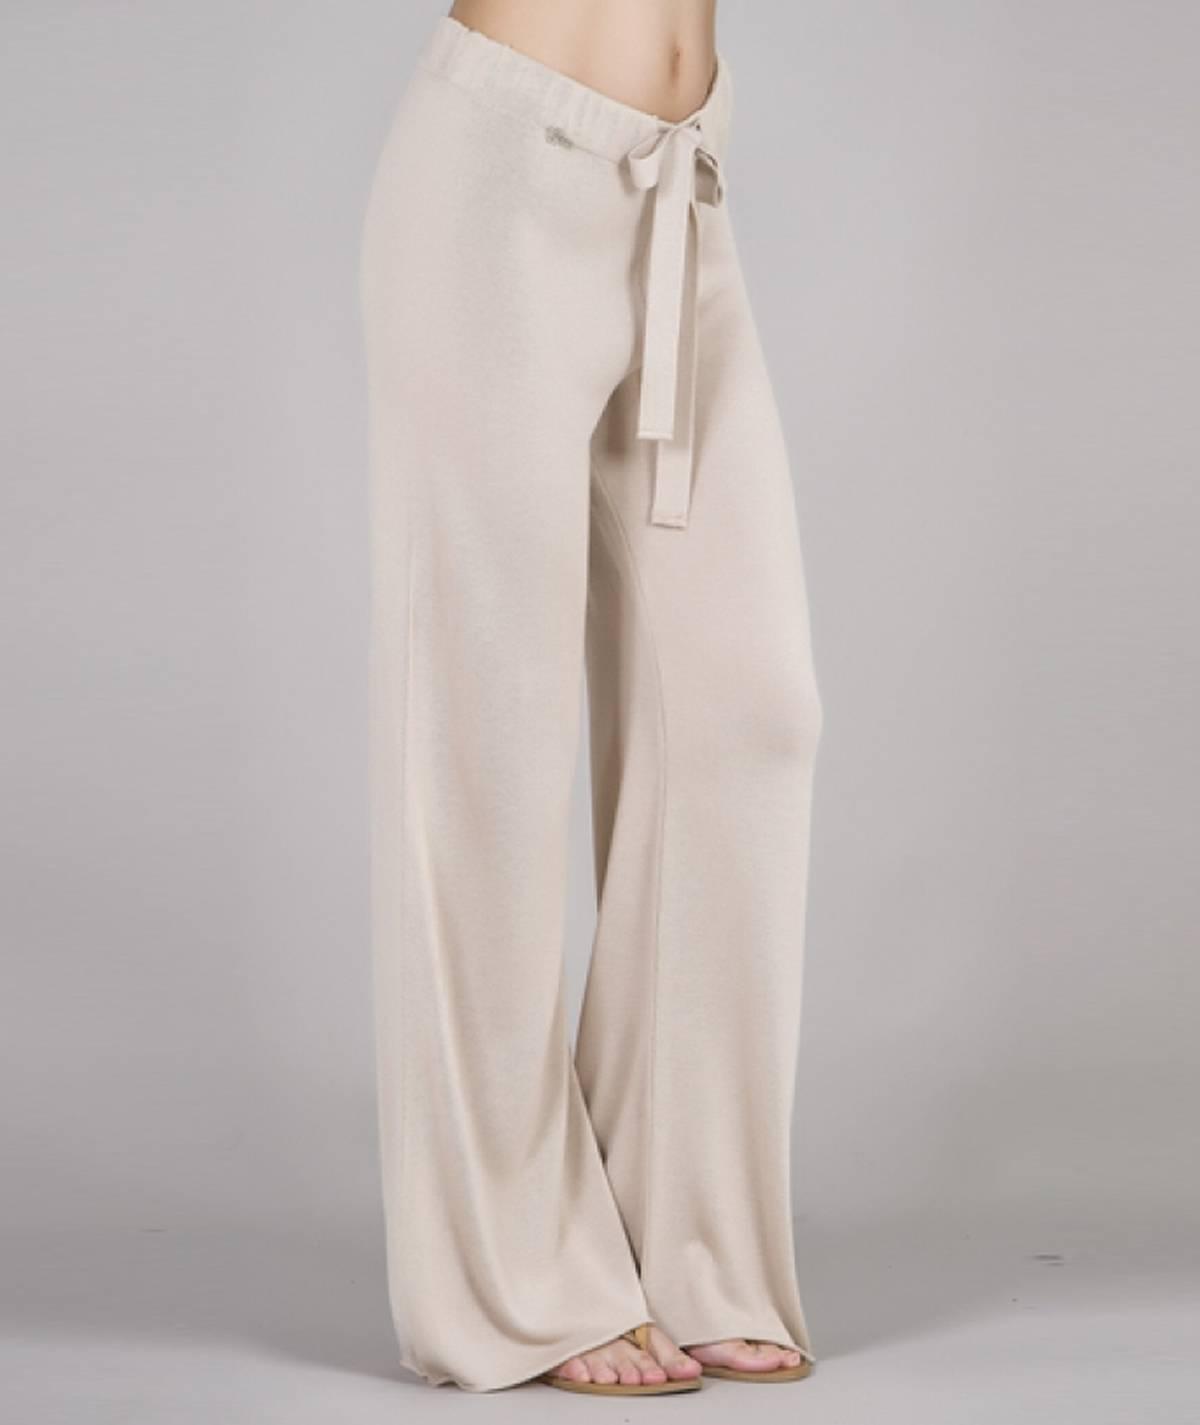 [CHIESSY] Calças tricot